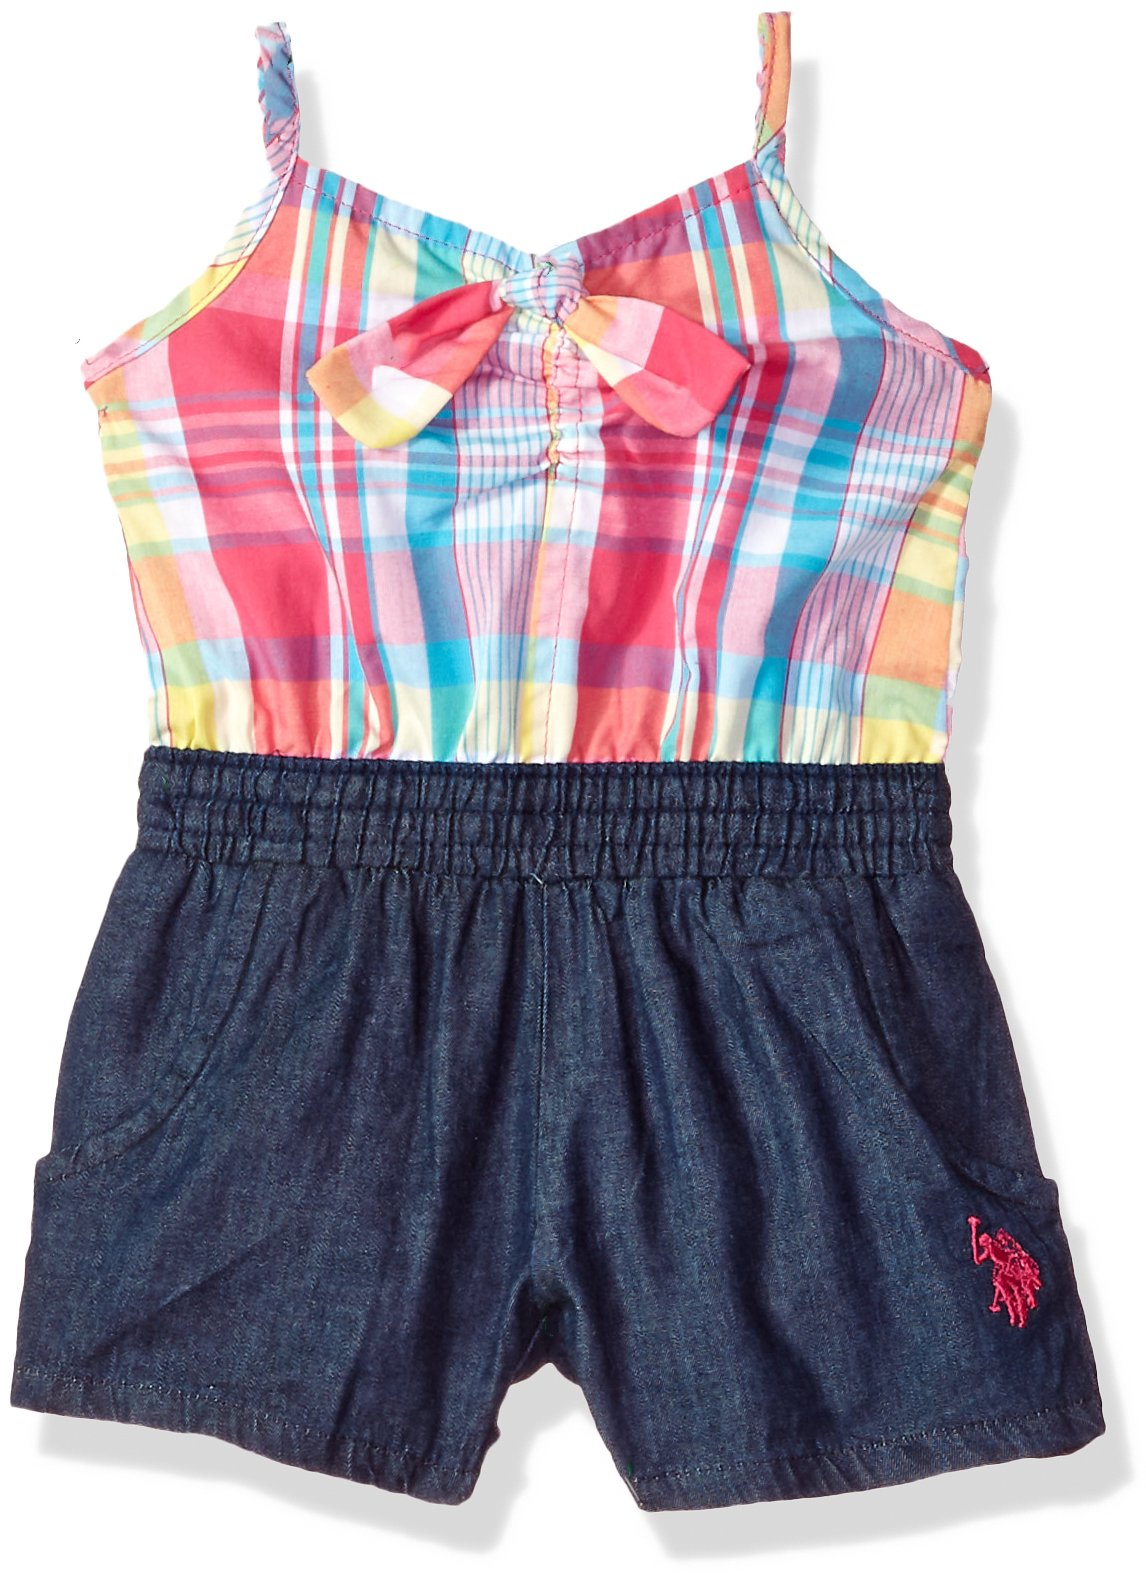 U.S. Polo Assn. Baby Girls, Plaid Denim Knot Tie